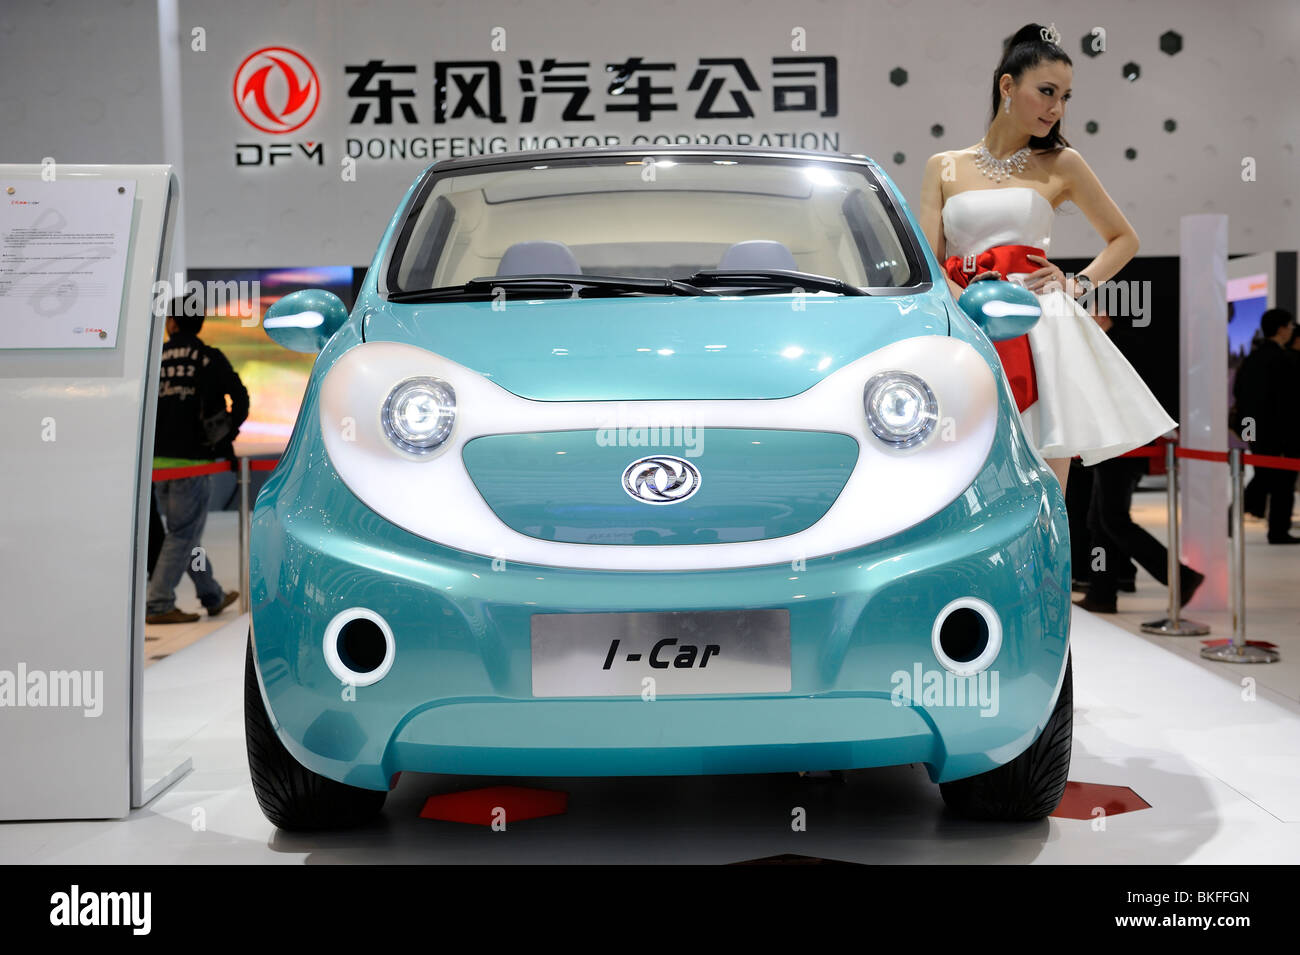 Ein Modell posiert neben Dongfeng Motor Group Co.-Auto-Konzept-Fahrzeug auf der Beijing Auto Show 2010 angezeigt. Stockbild